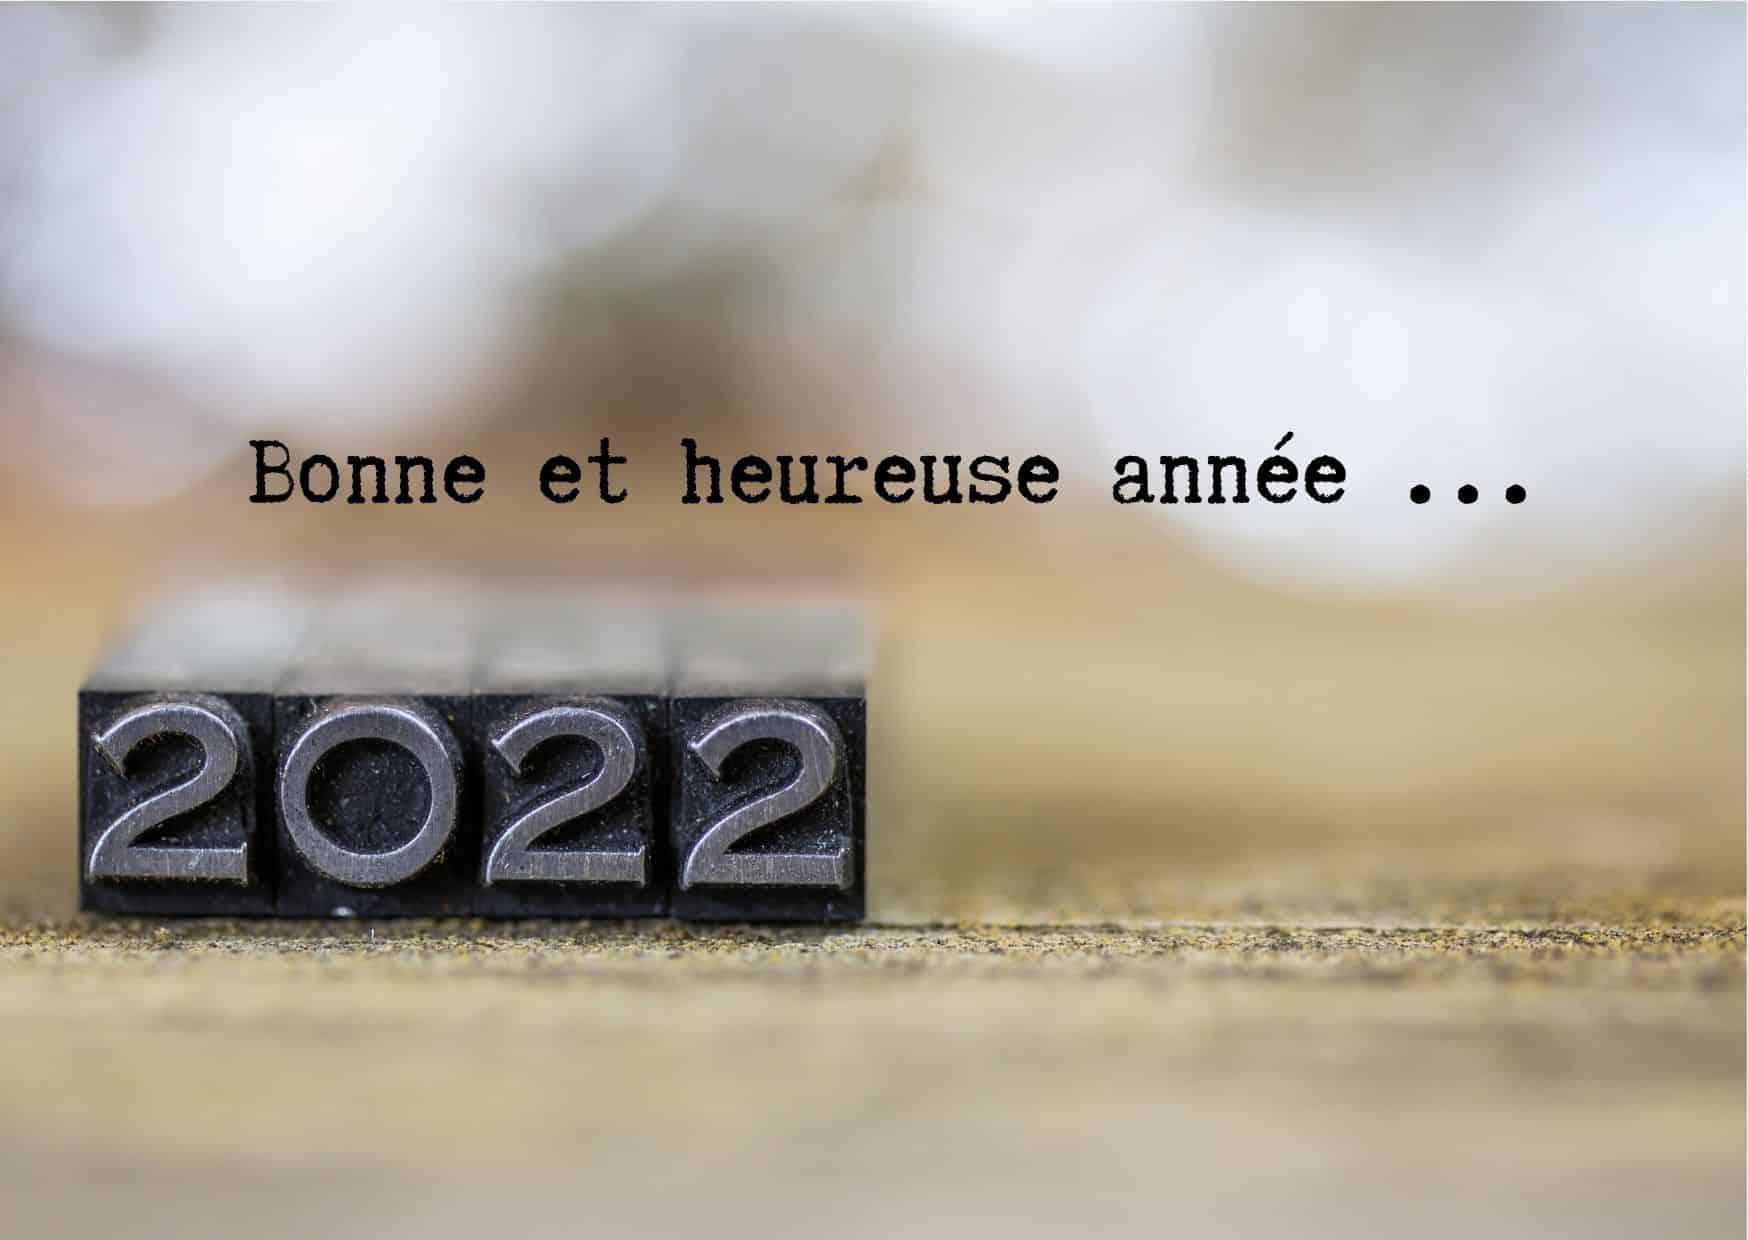 meilleurs voeux 2022